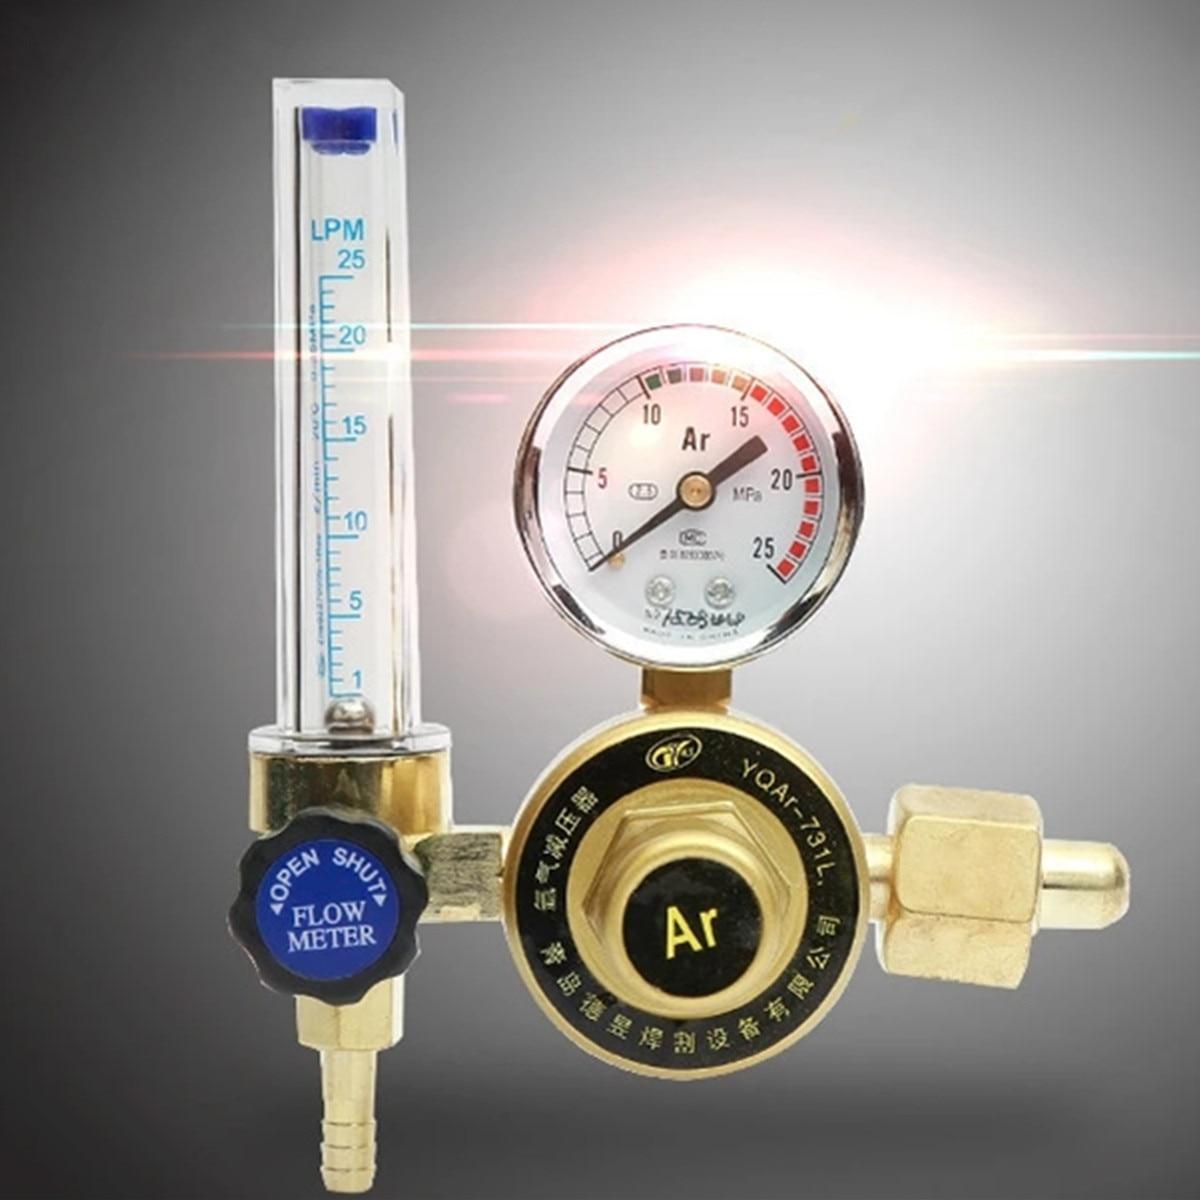 1/4pt 0,15 Mpa Ar/co2 7mm Mig Regler Schweißen Flow Meter Gas Argon Barb Weld Transparent Gold 16,5x5,5 Cm Für Ar Gas Elegantes Und Robustes Paket